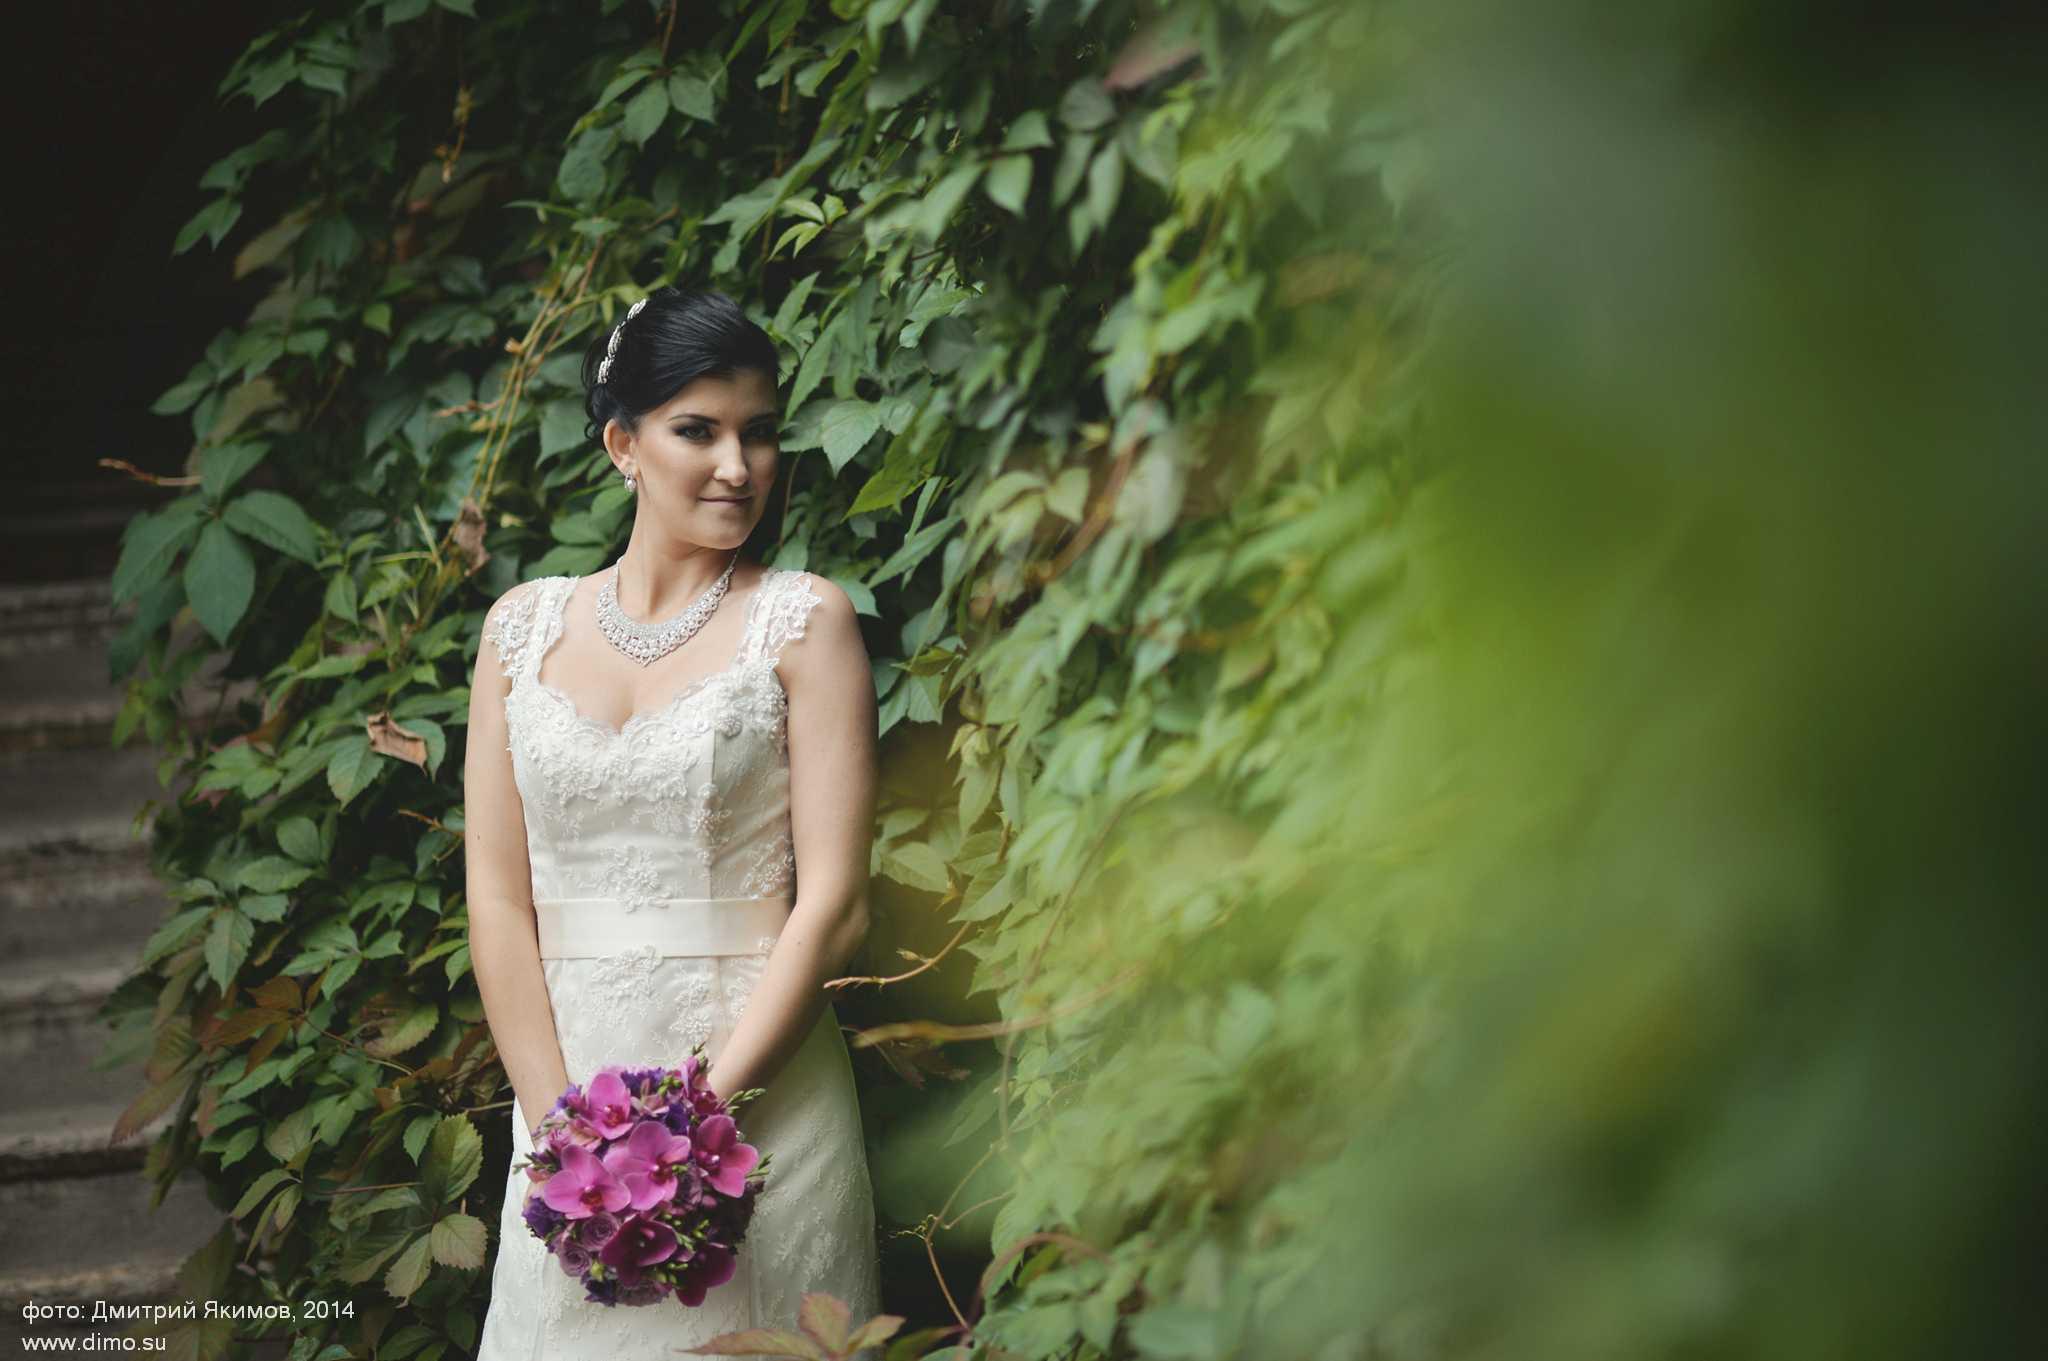 Элегантная и красивая невеста